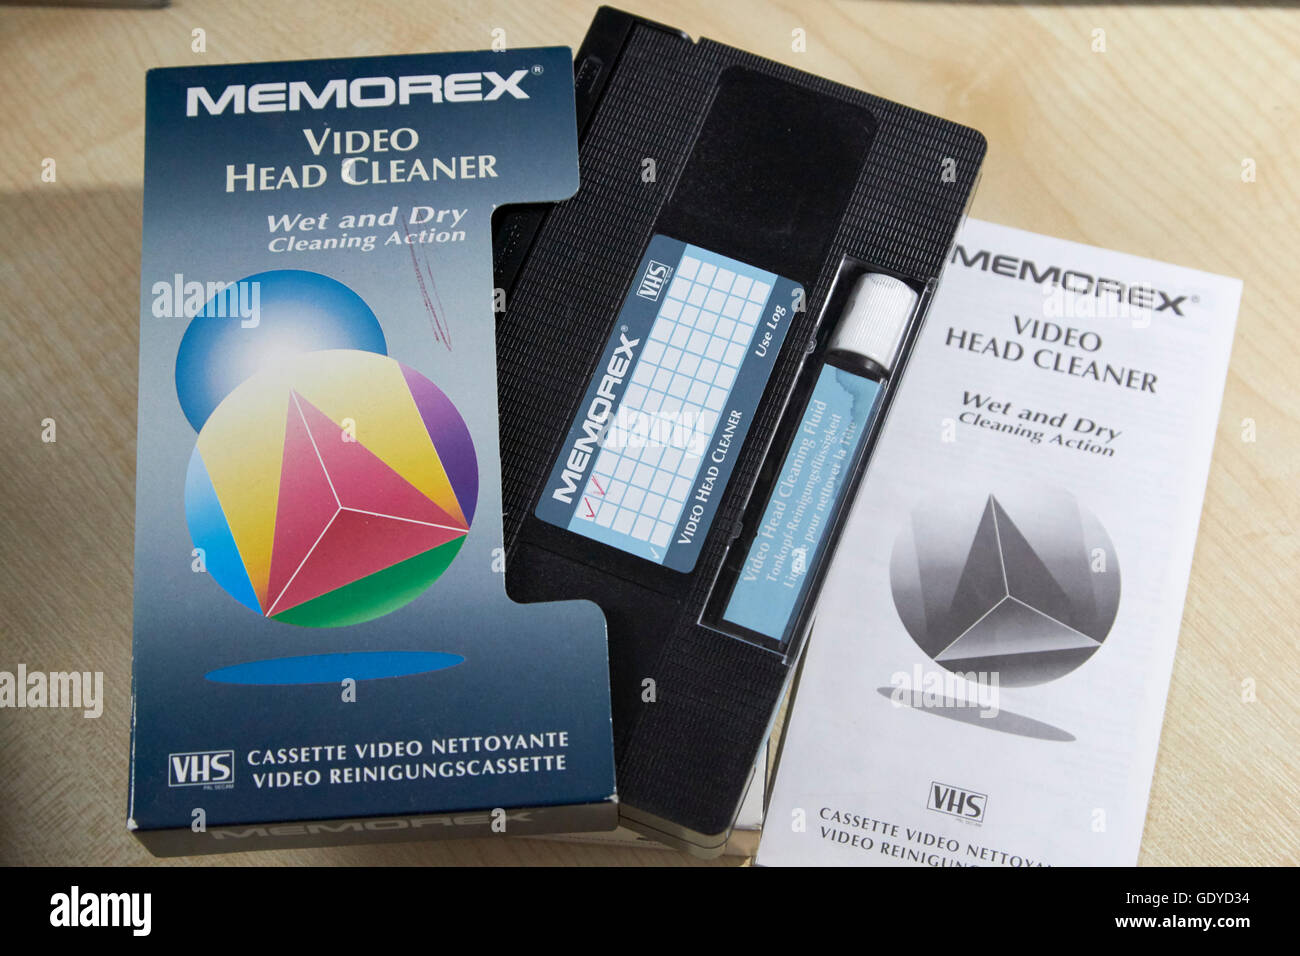 memorex italiano